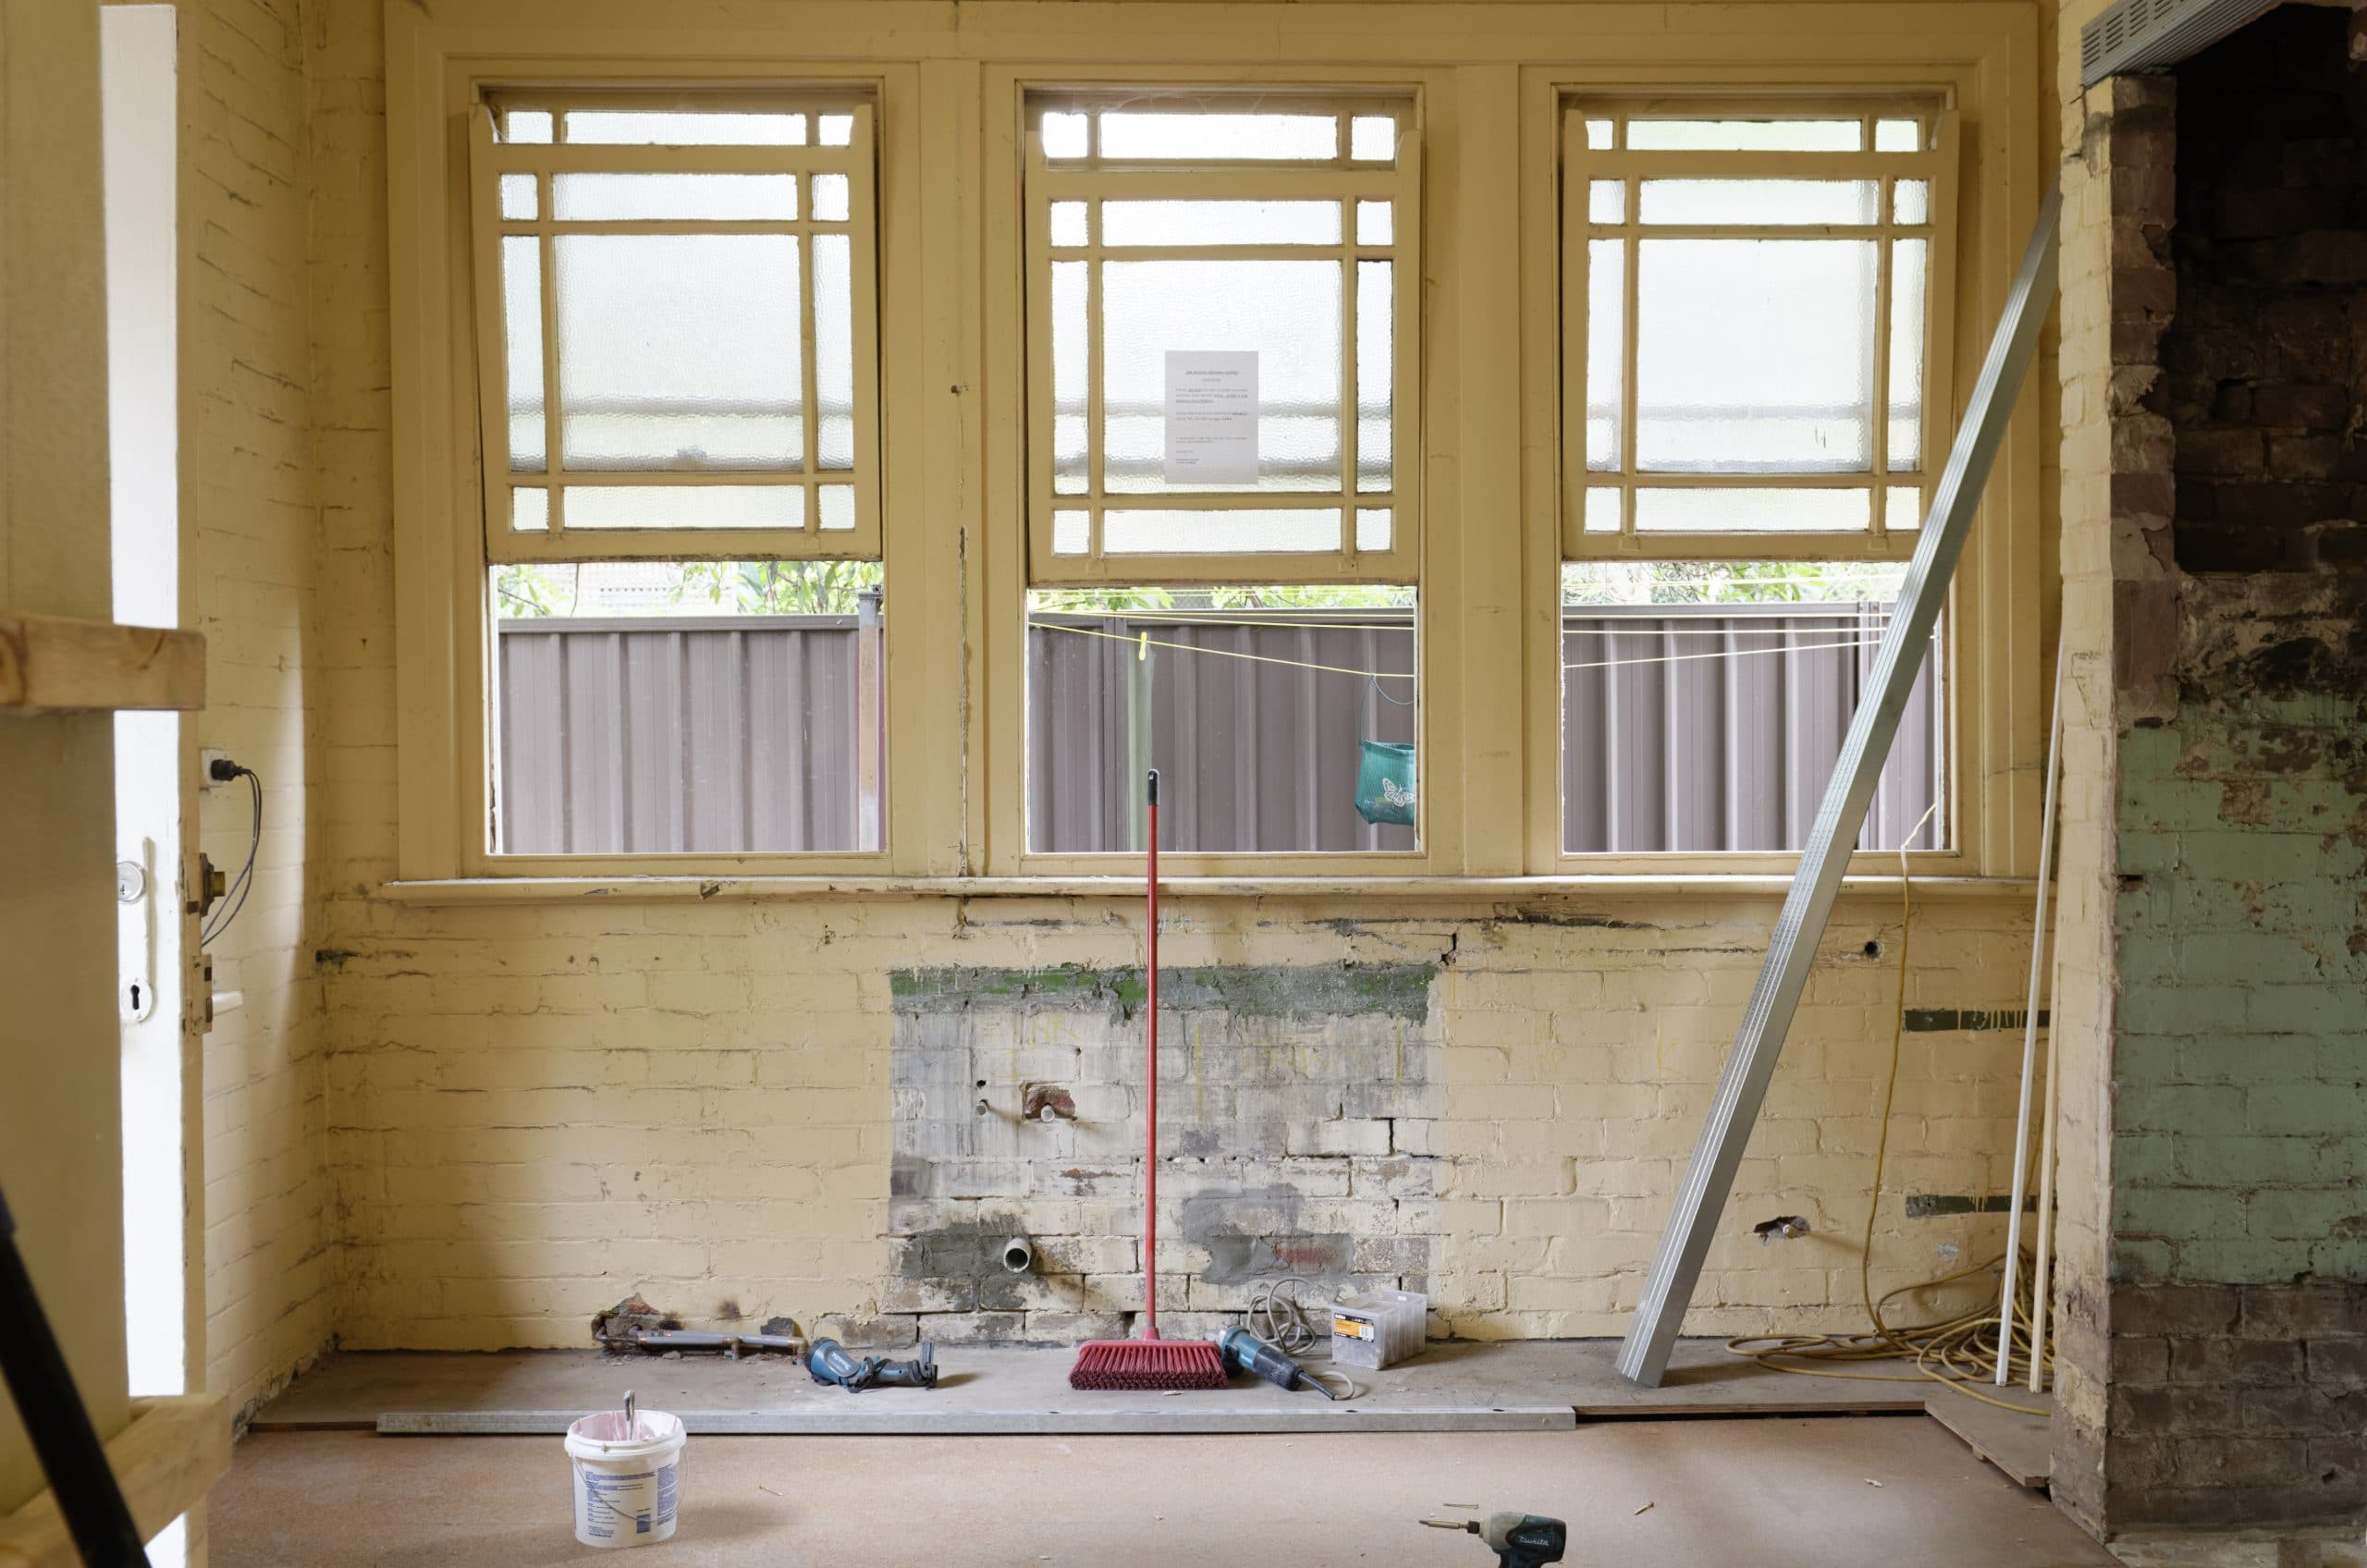 Asbestos Exposure from Renovating Old Buildings